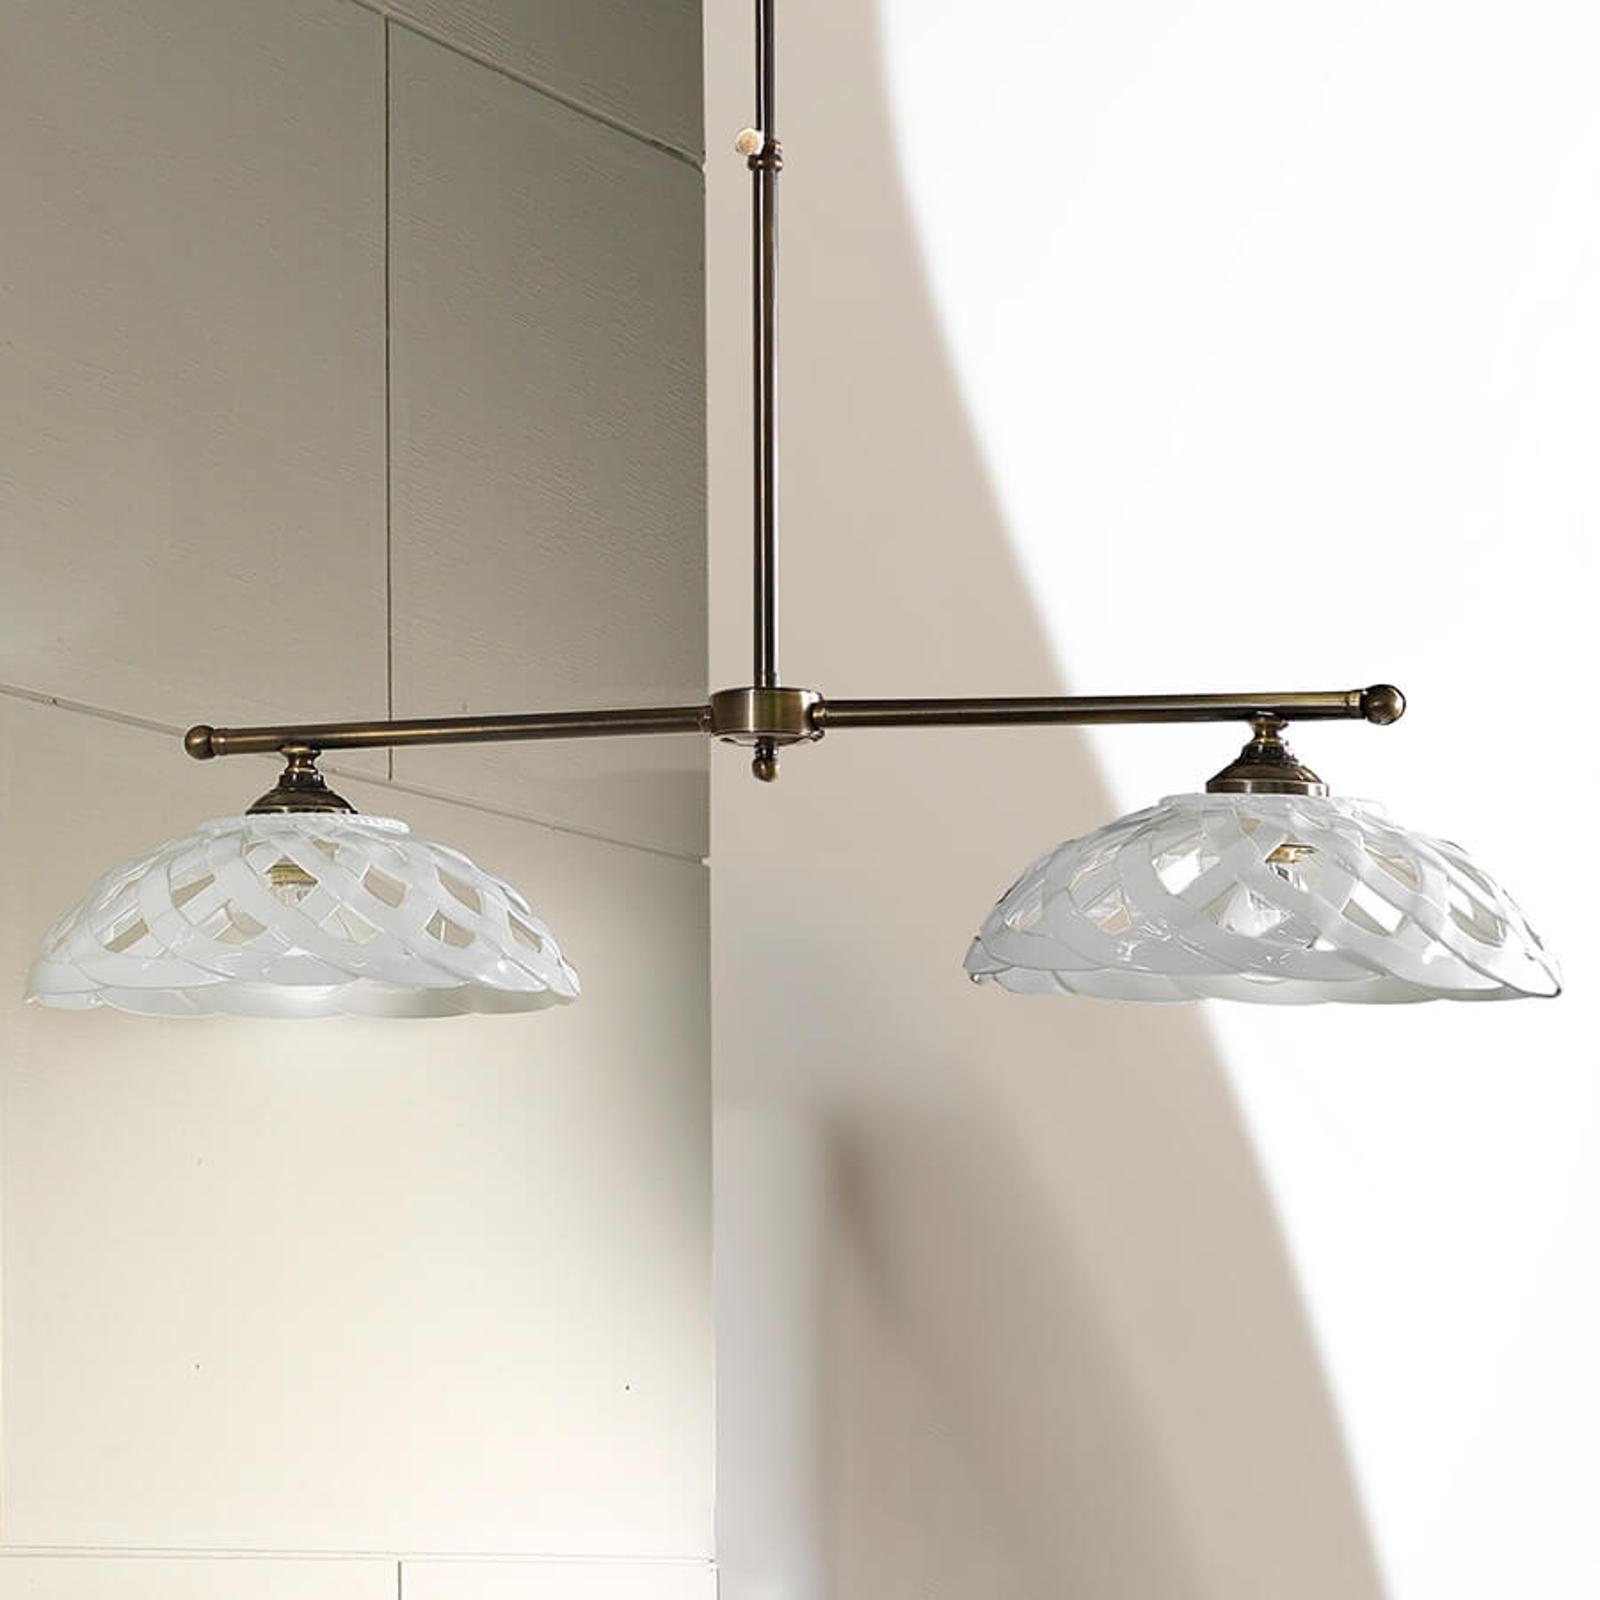 Emanuel hængelampe, keramik, 2 lyskilder